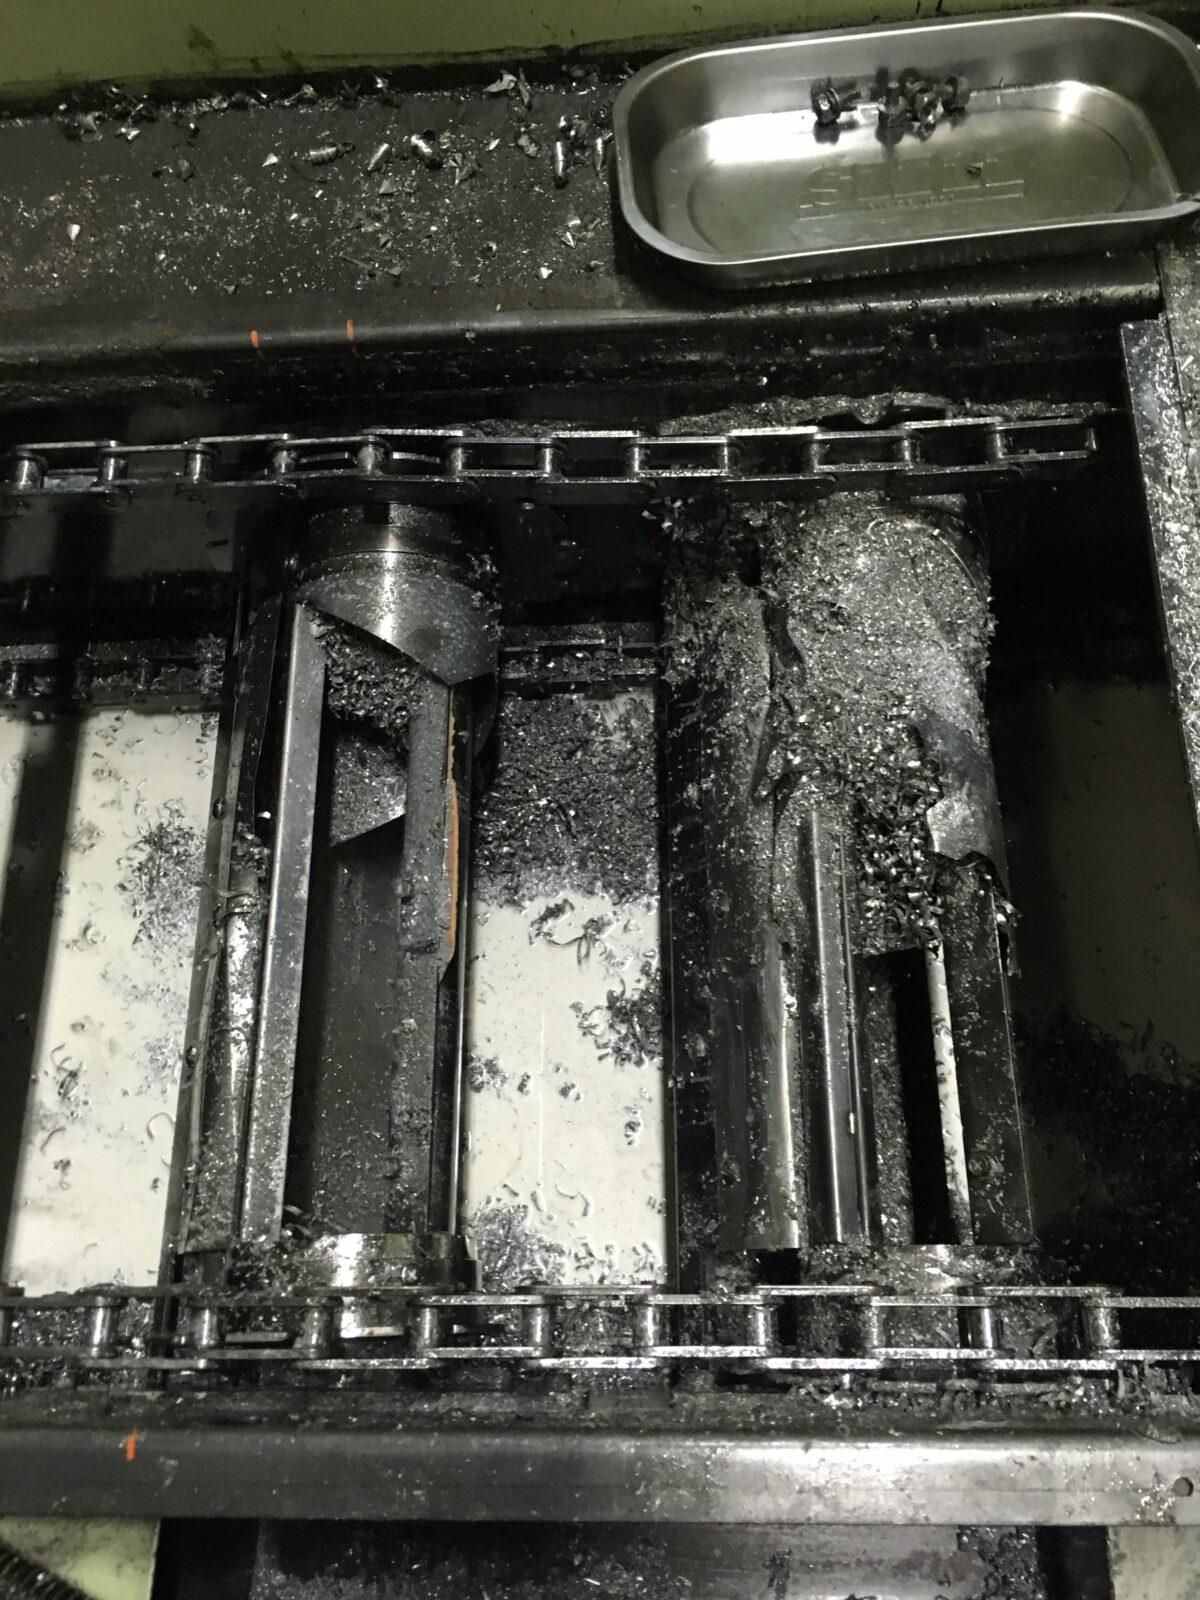 修理するチップコンベアのクーラントを抜いたところ